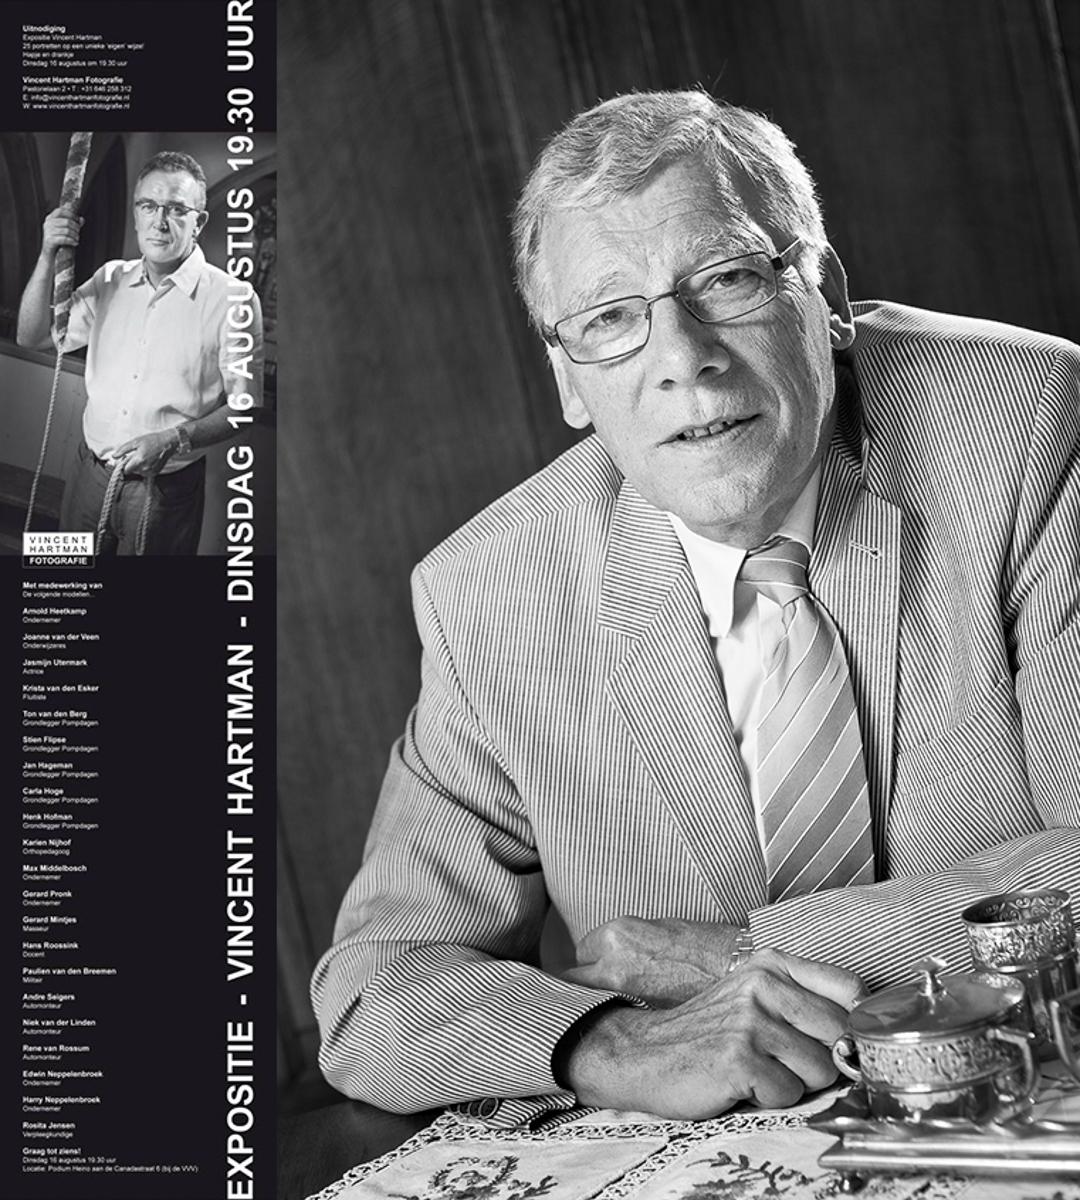 Links de aankondiging van de expositie ter gelegenheid van 25 jaar Pompdagen Heino, rechts het portret van oud Burgemeester van Heino, Ton van den Berg.